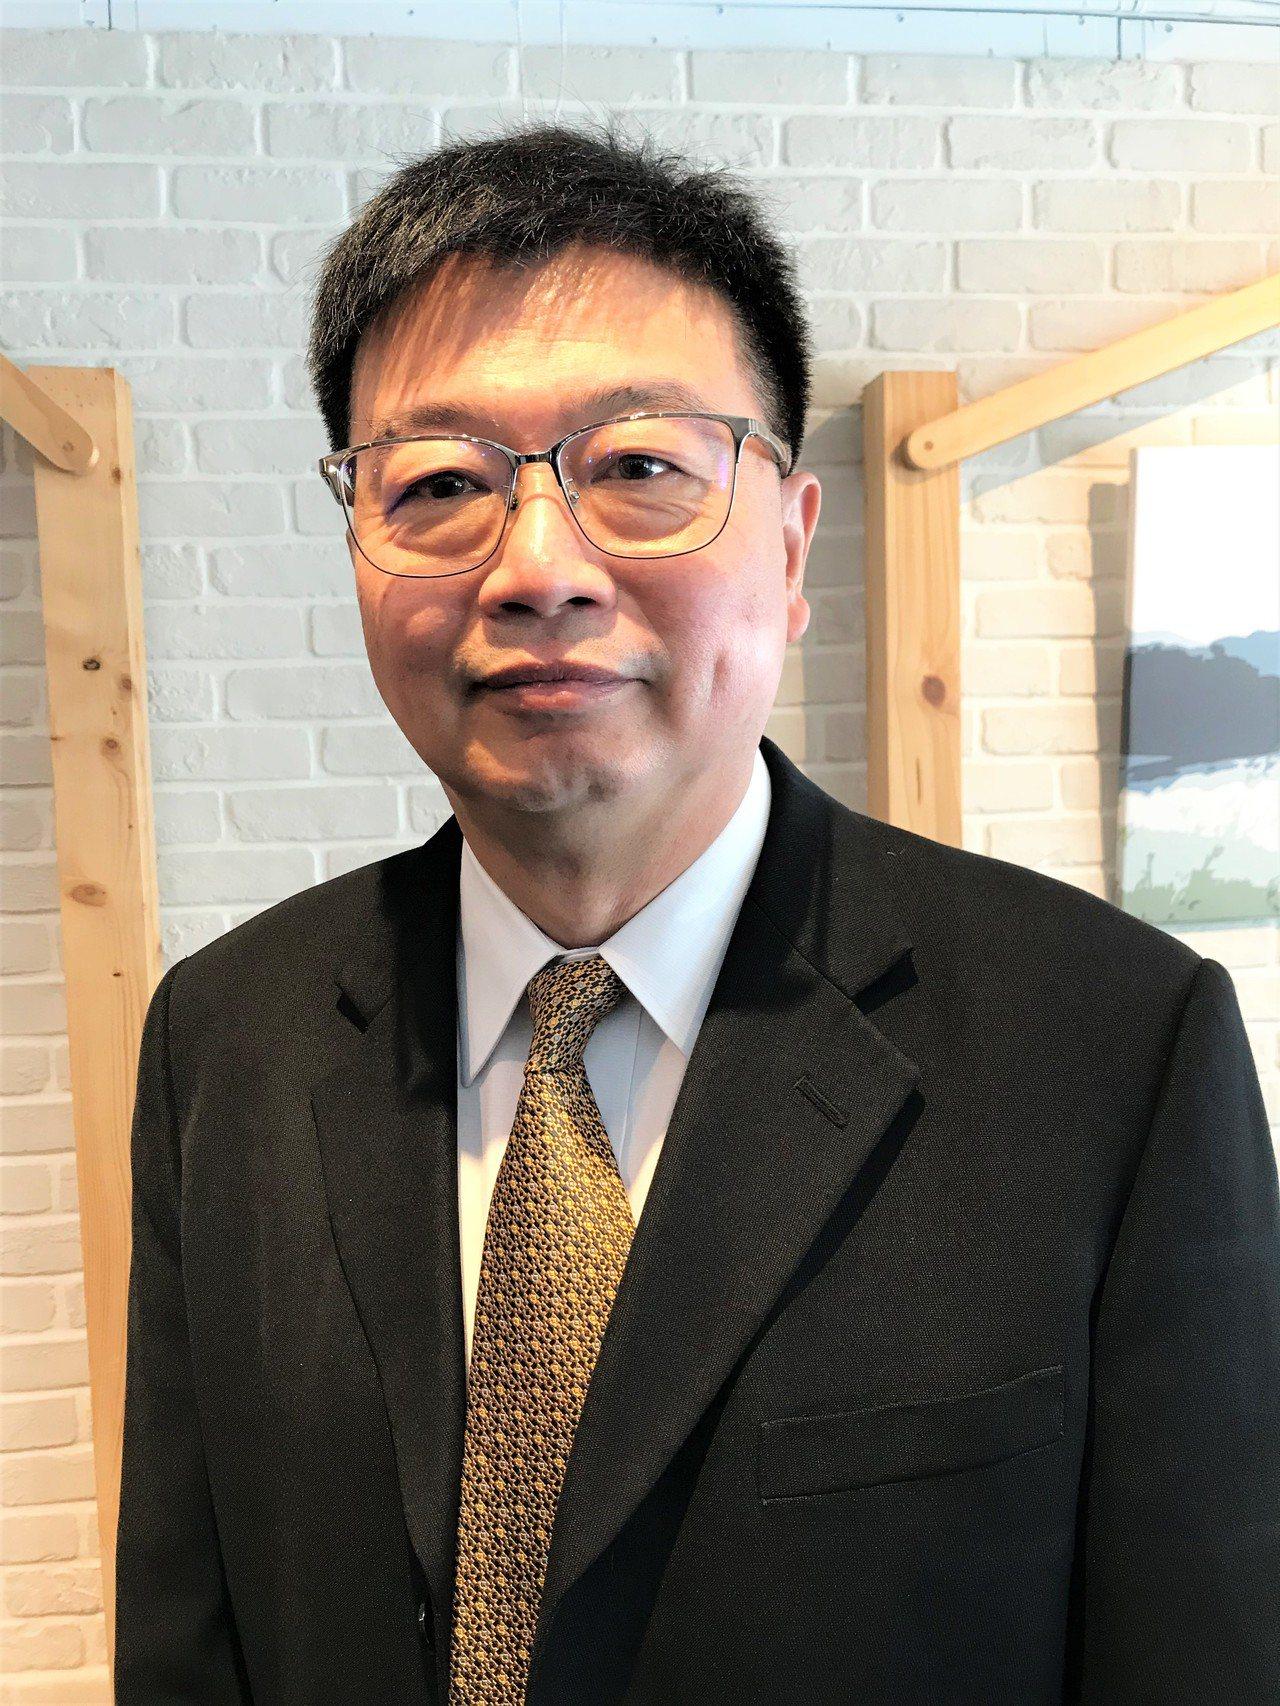 千才生醫執行長高嵩岳。記者李珣瑛/攝影